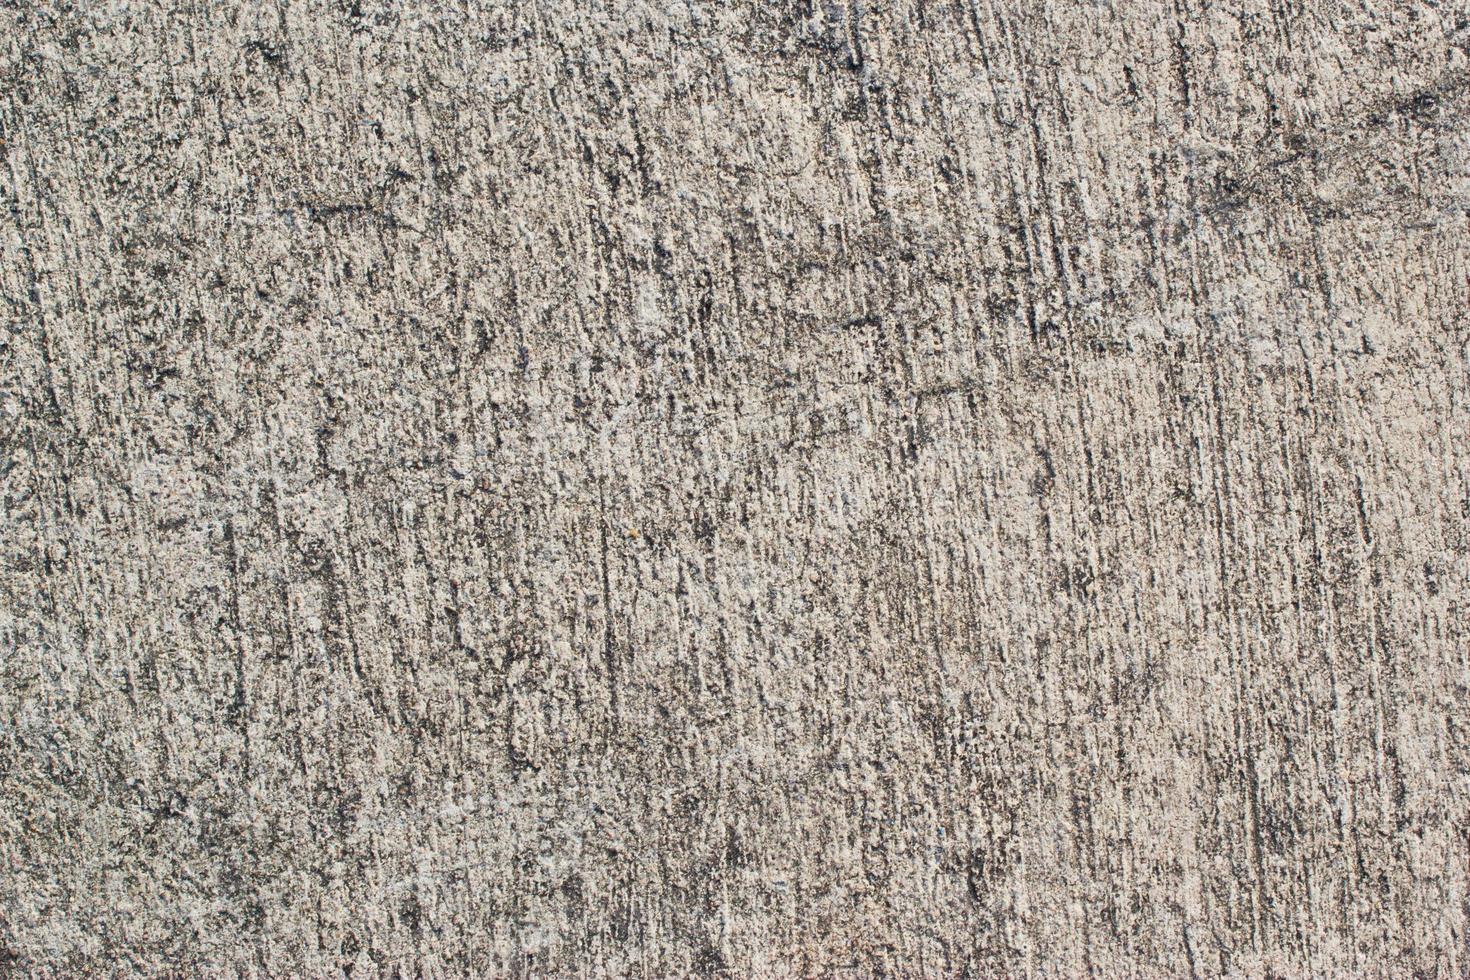 fond de ciment blanc grungy photo